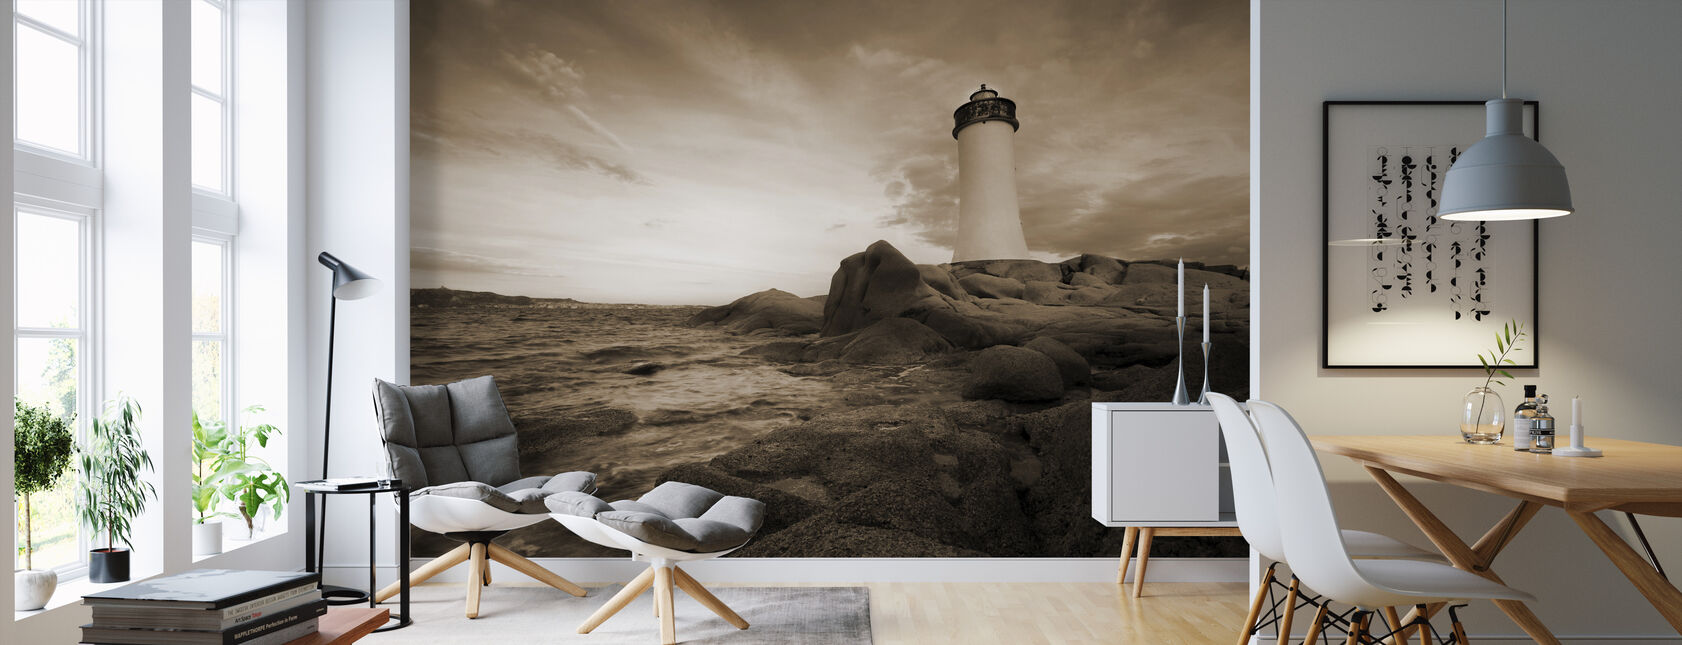 Leuchtturm von Sardinien - Tapete - Wohnzimmer